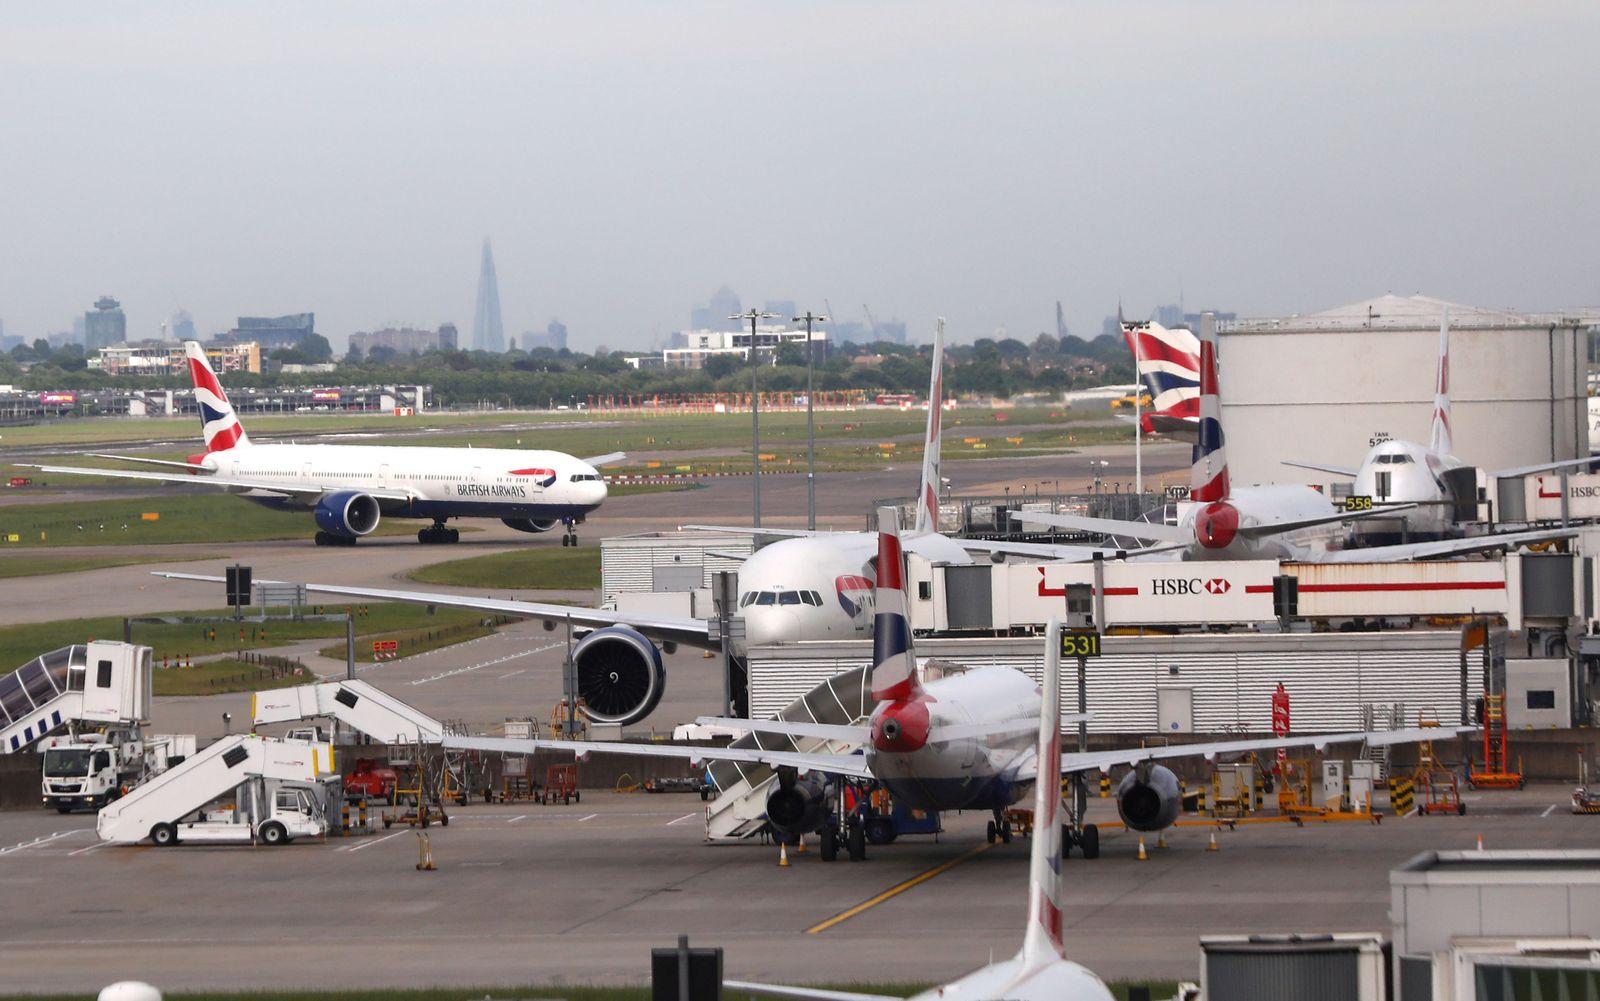 BRITAIN-AIRPORTS/HEATHROW